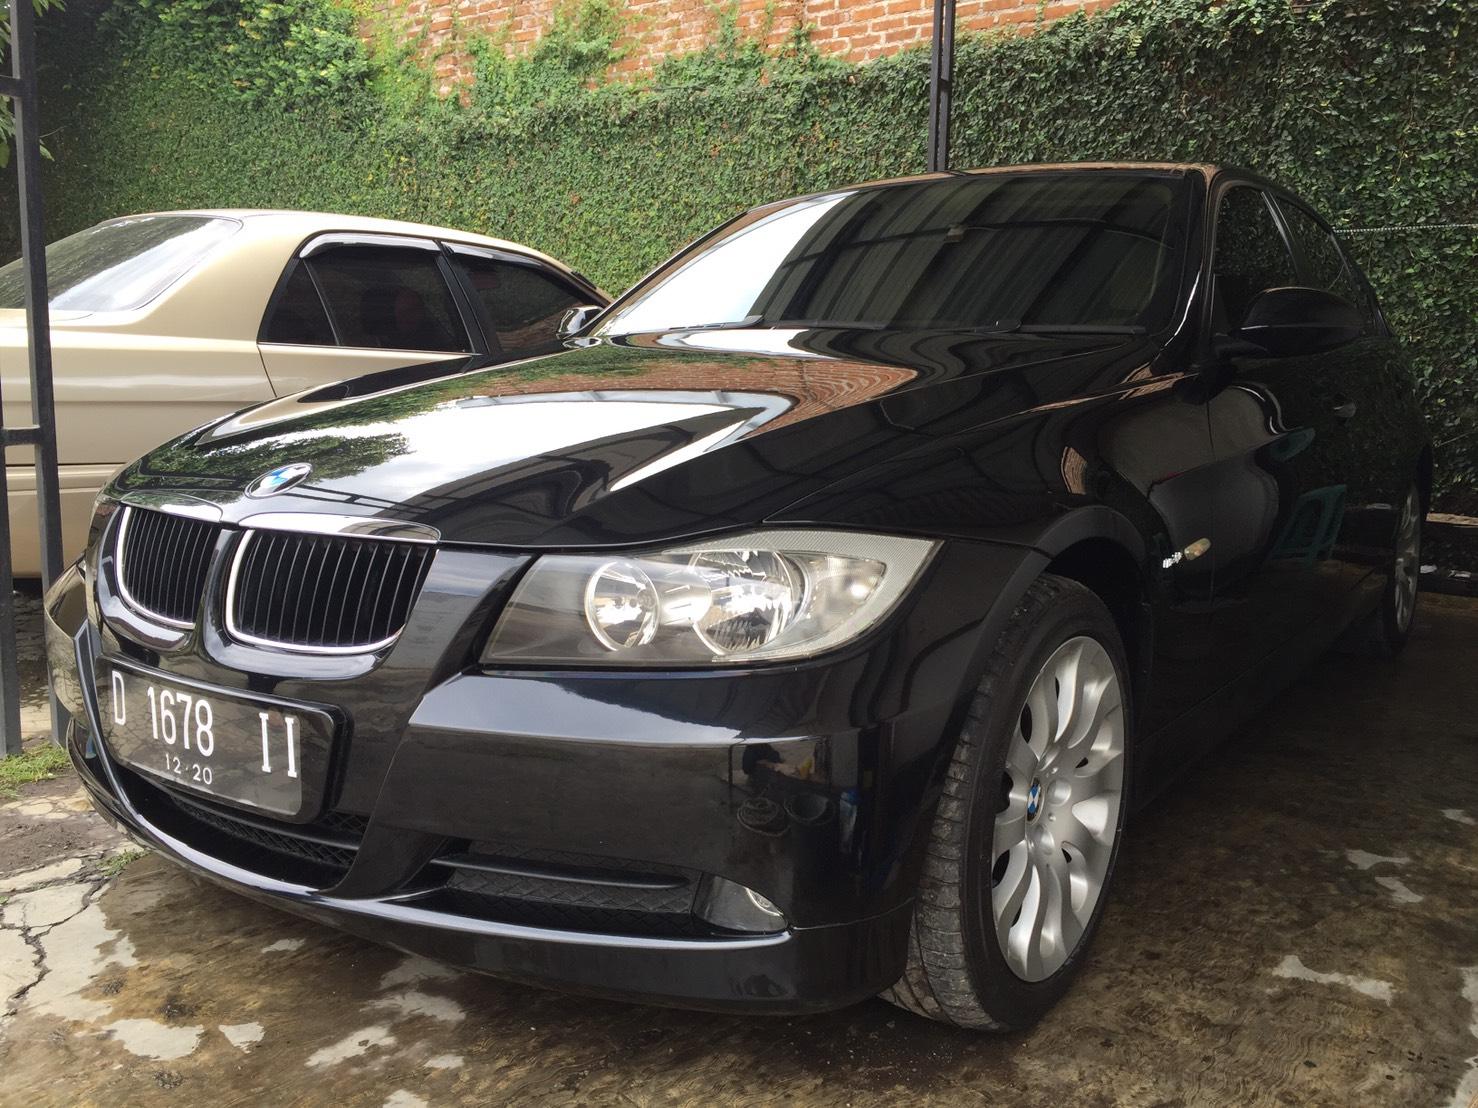 Jual BMW 320i AT E90 Life Style Tahun 2009 - Tokobagus ...